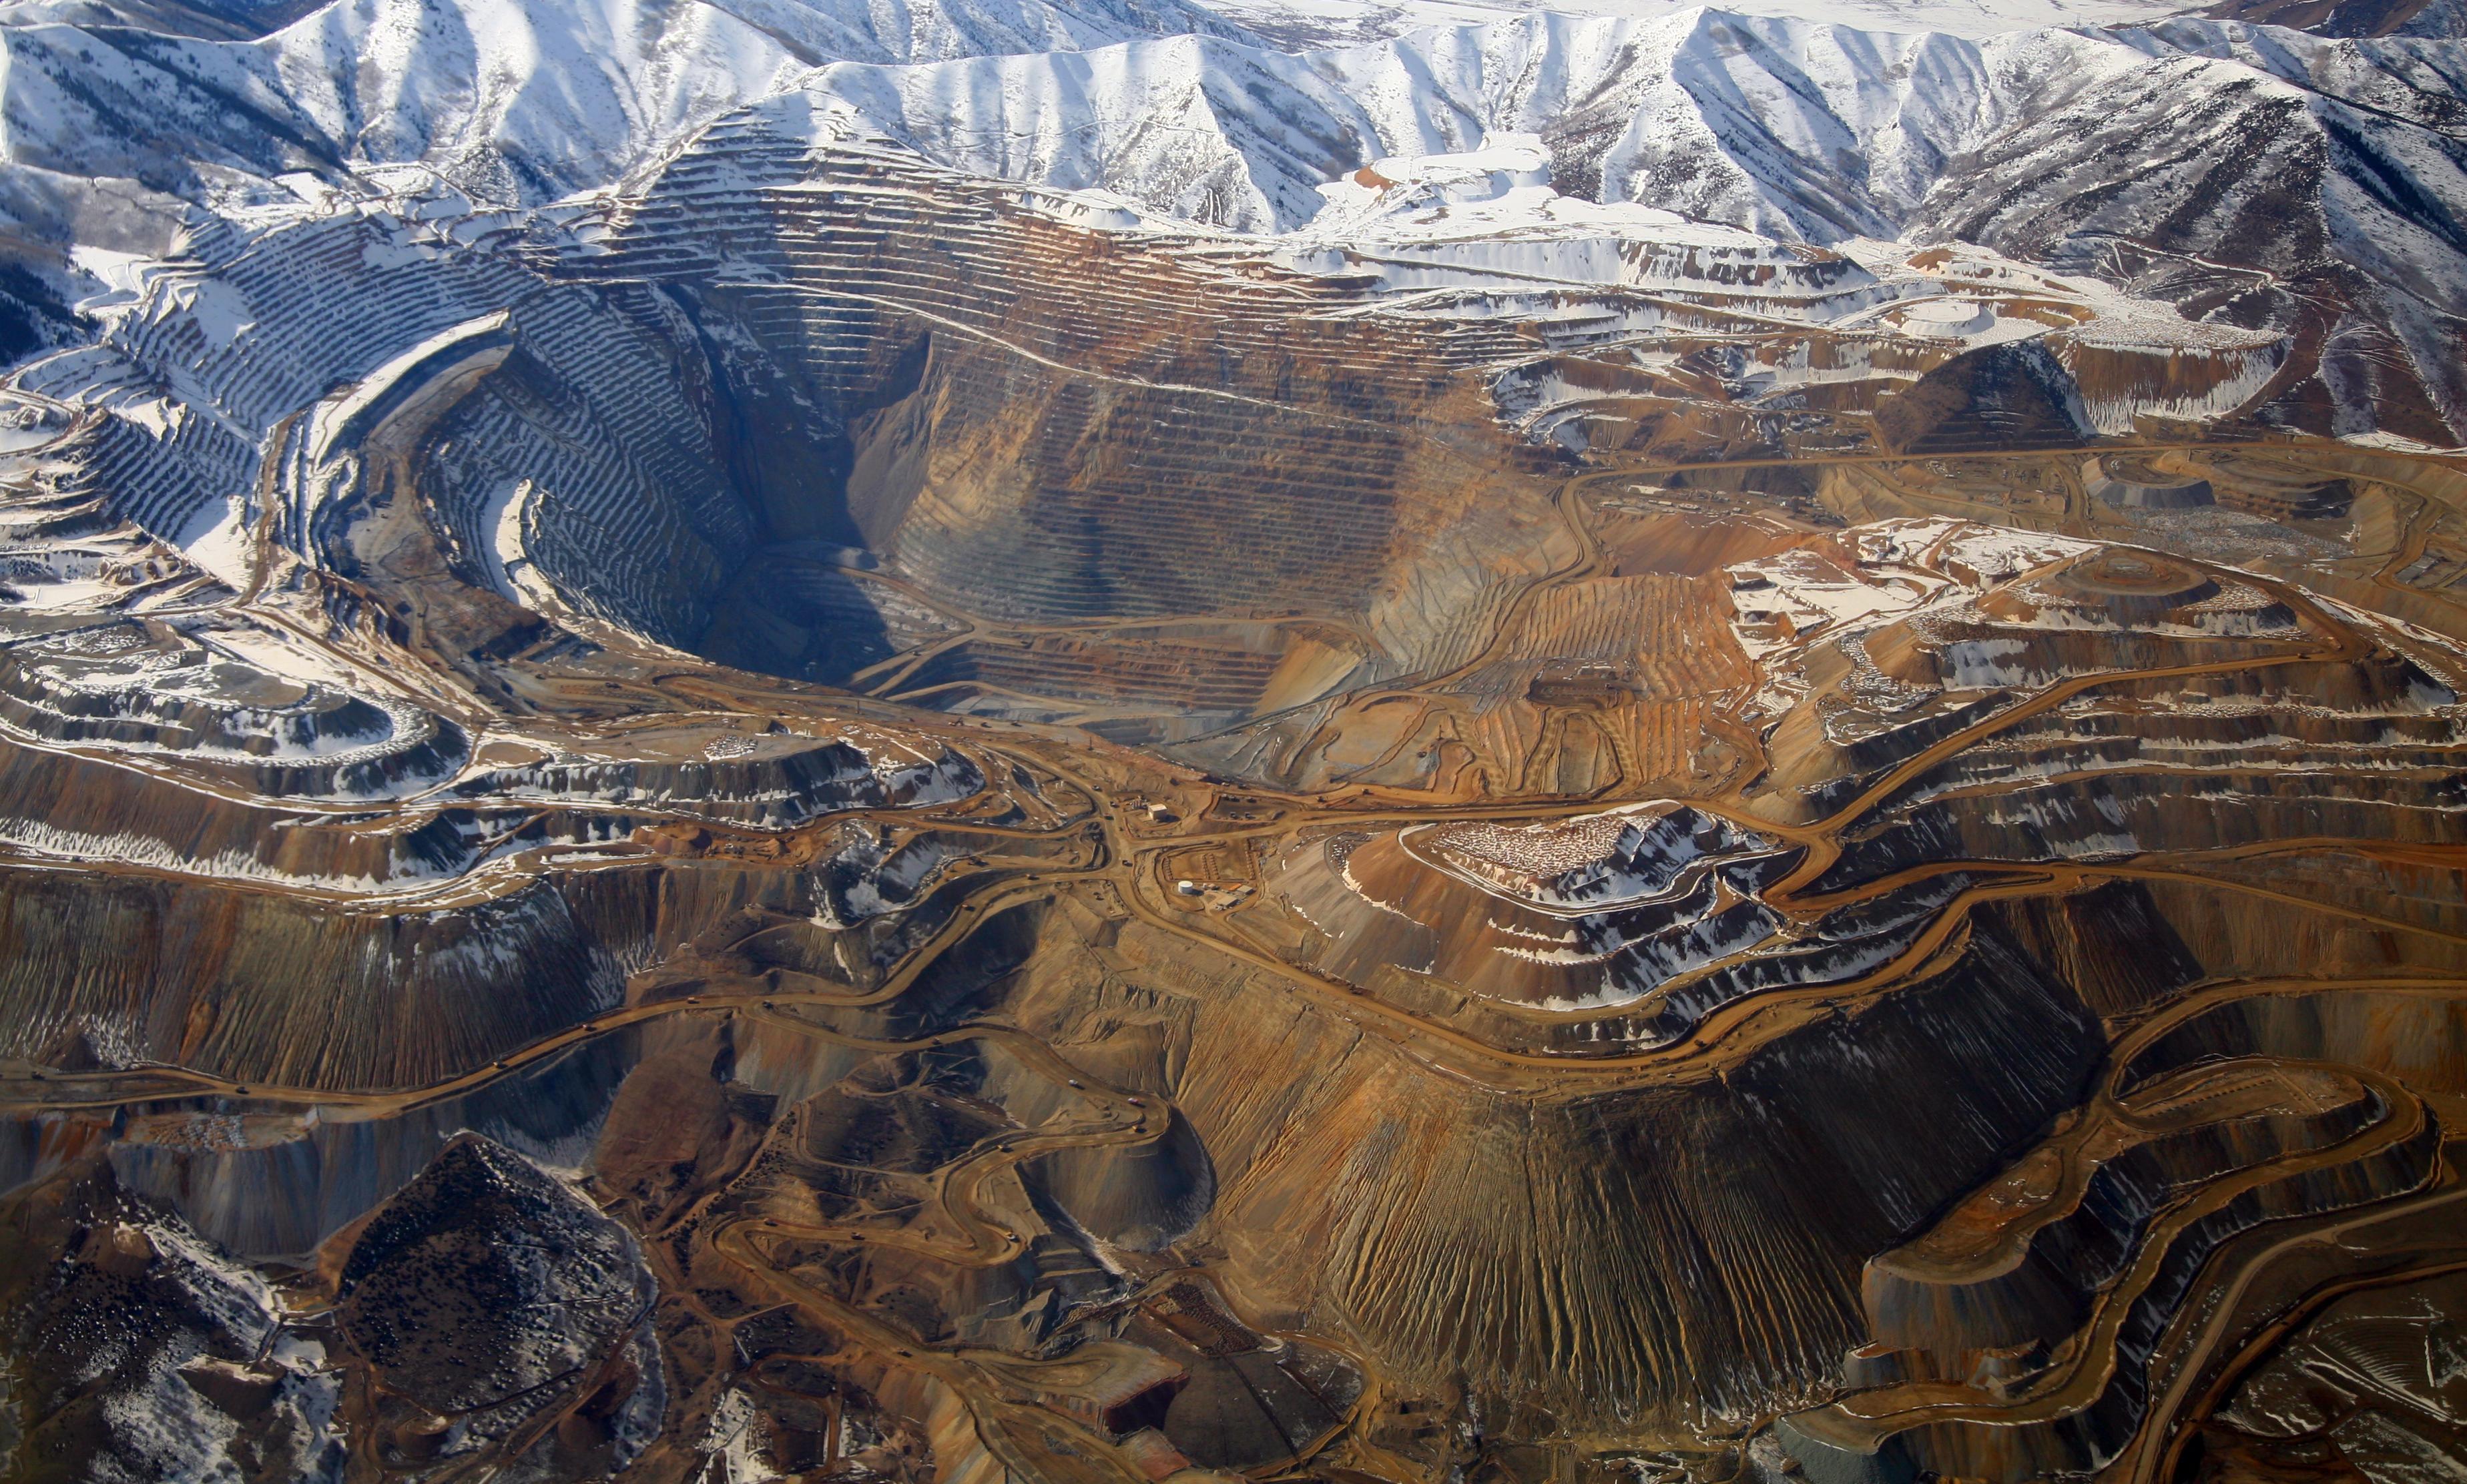 Медедобывающая бактерия из бразильских рудников